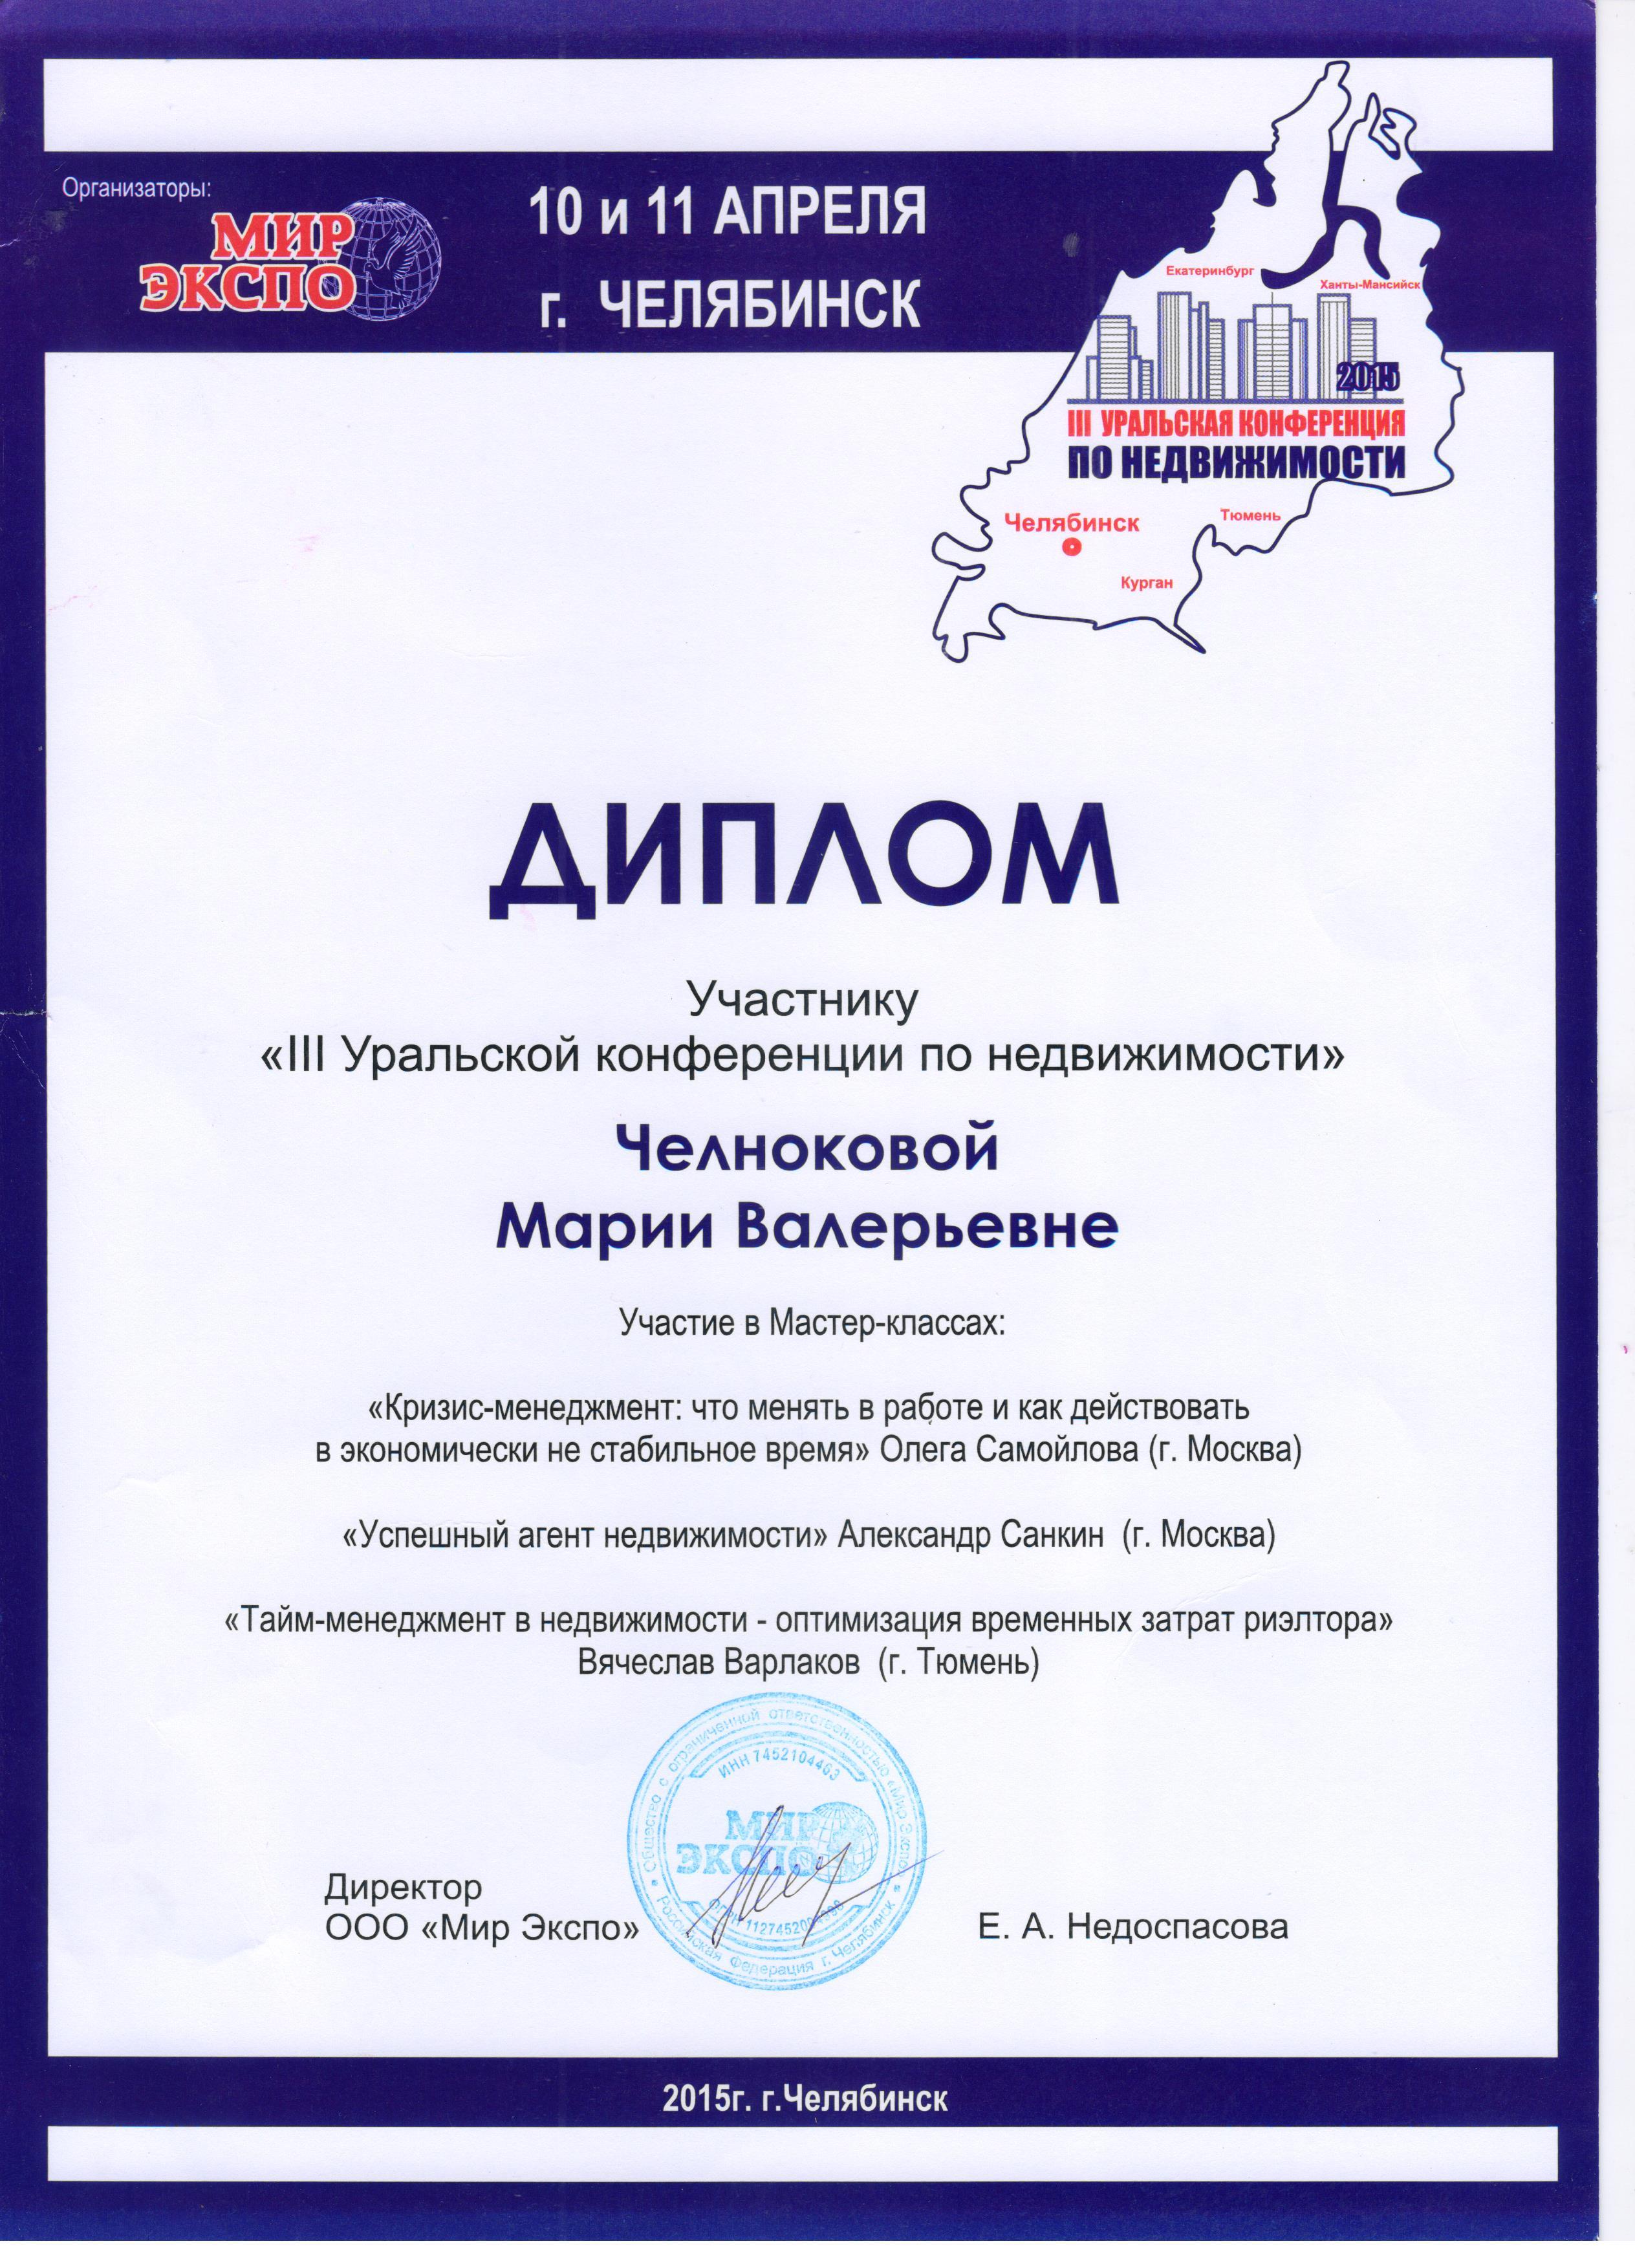 Наши дипломы и сертификаты Агентство недвижимости Доверие г  Наши дипломы и сертификаты Агентство недвижимости Доверие г Златоуст